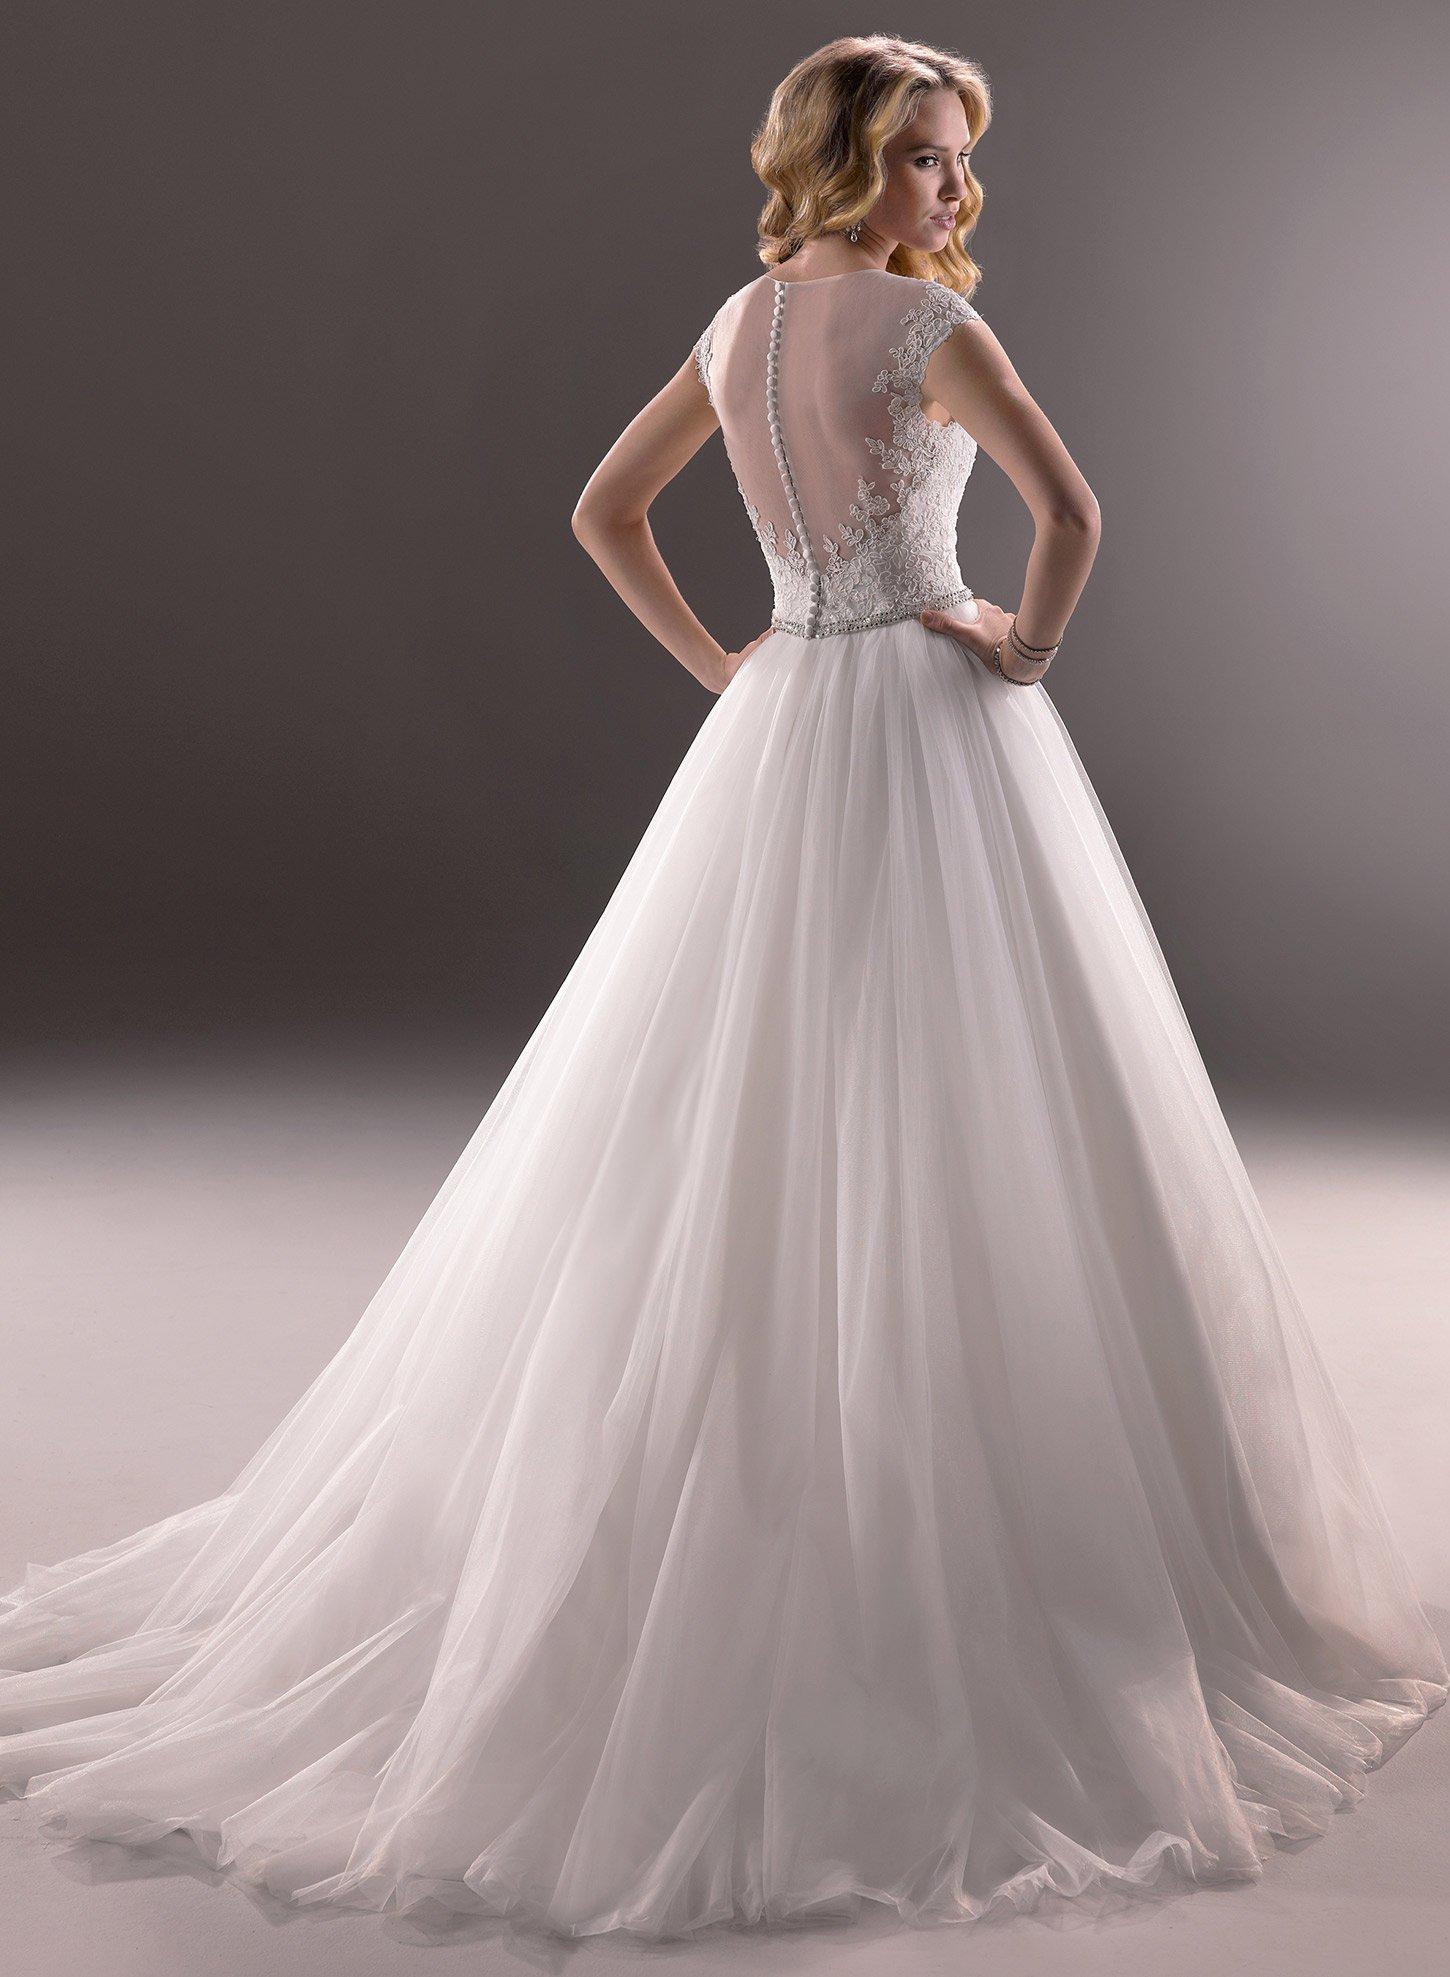 ADRIEN suknia ślubna - Suknie ślubne